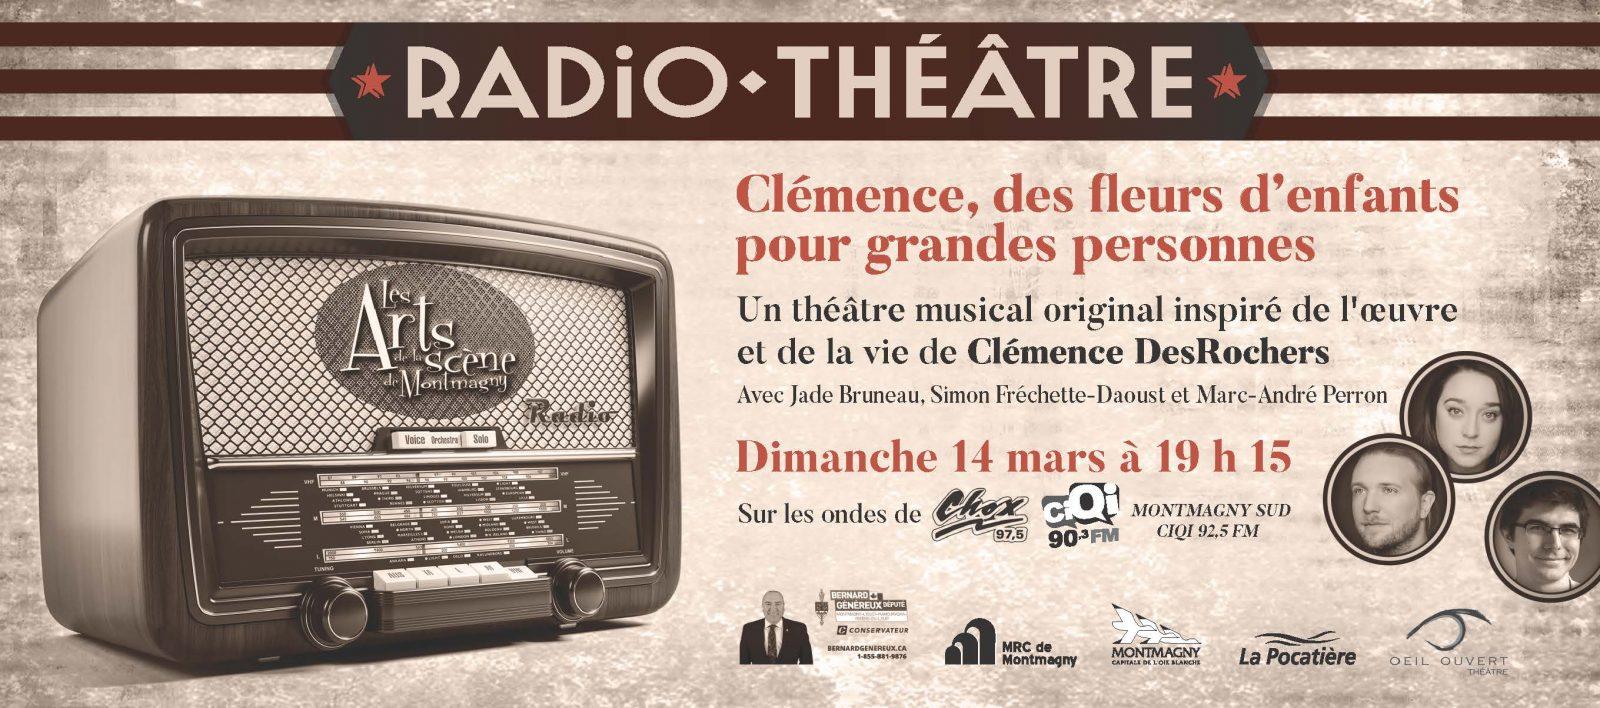 Le radio-théâtre sera de retour le 14 mars